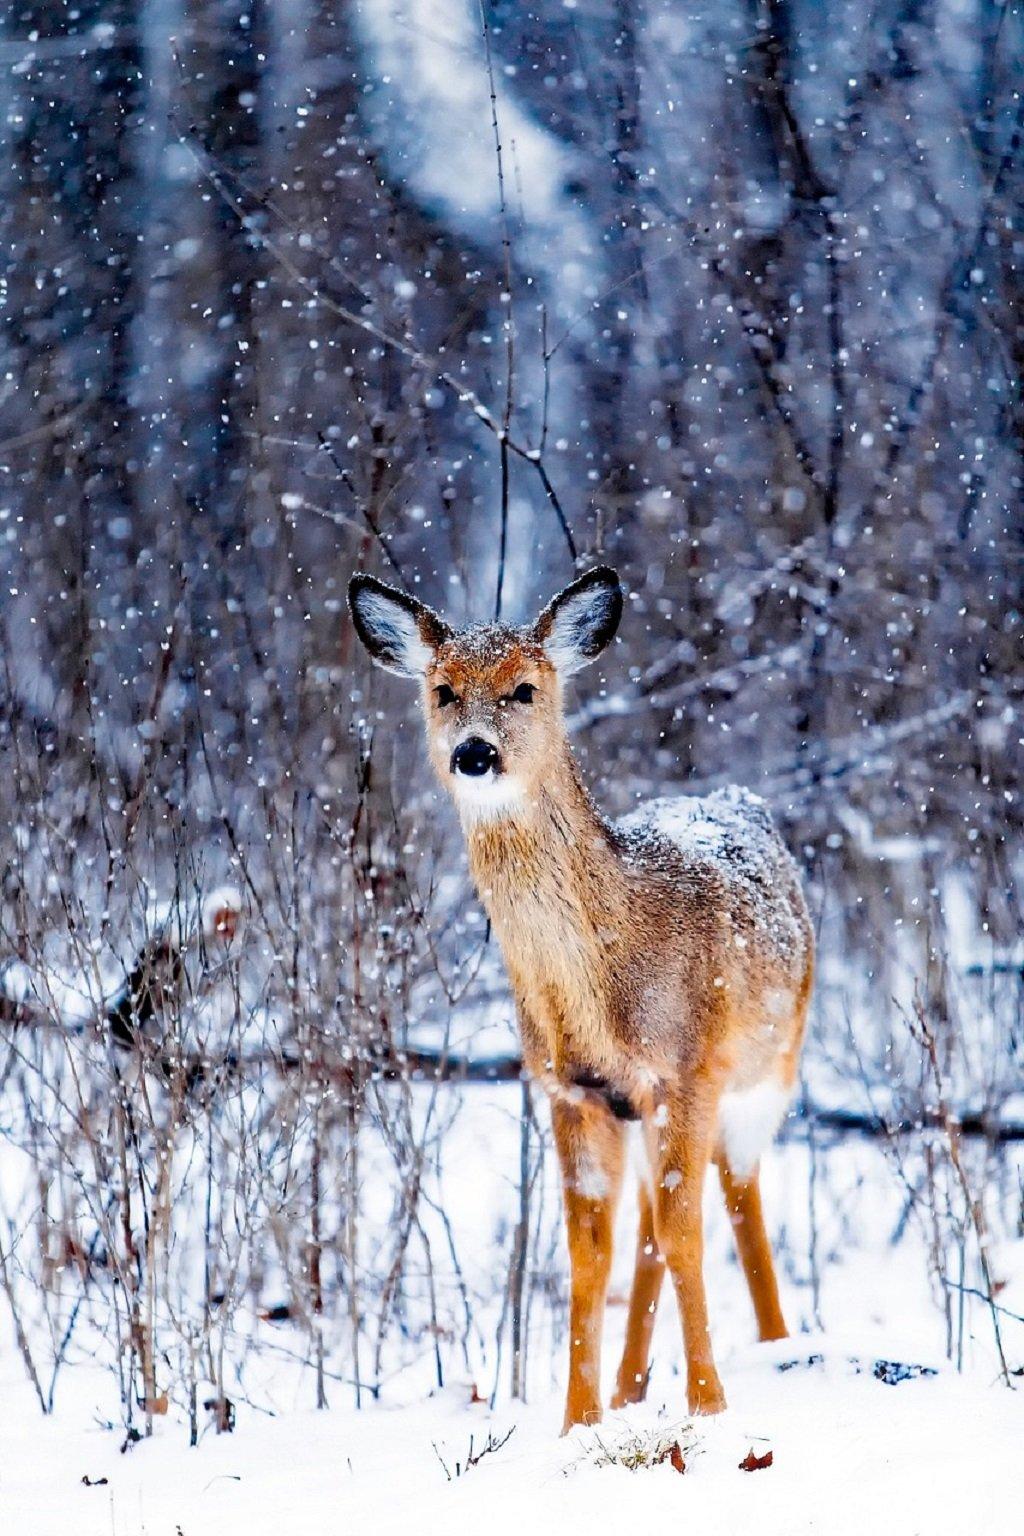 deer in snow winter